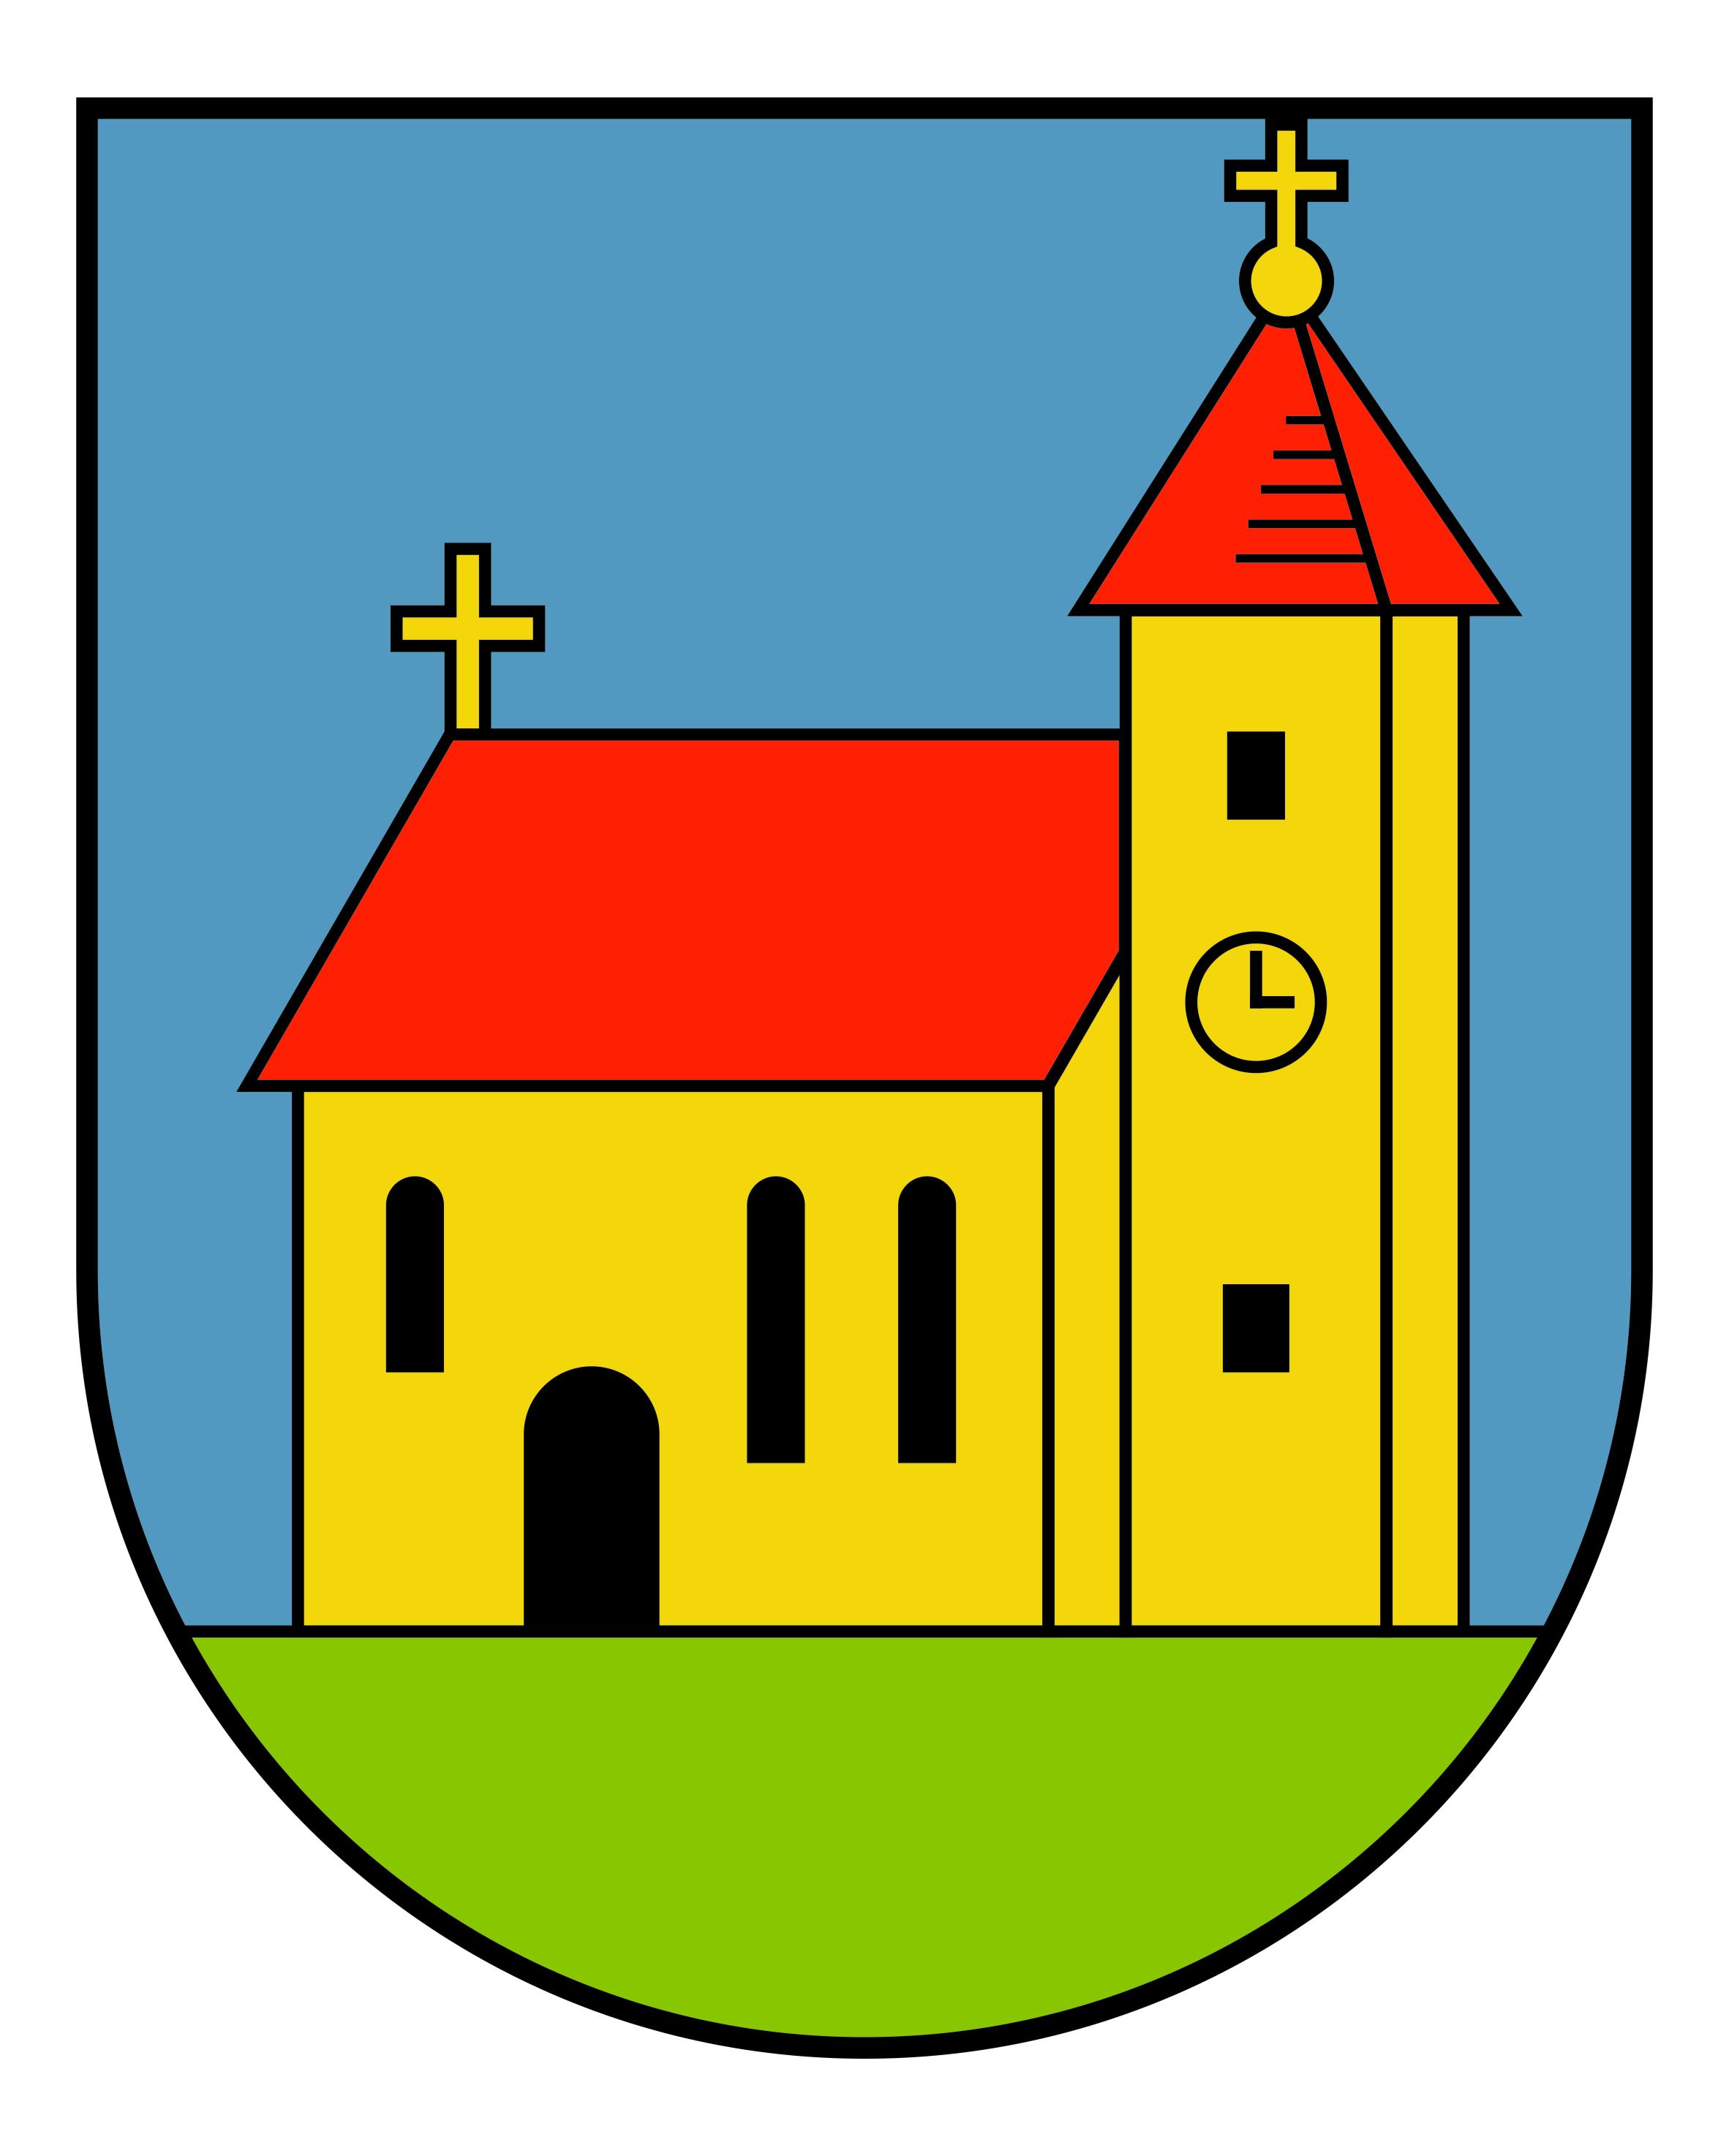 File:Gemeindewappen Neumarkt im Muehlkreis.jpg.